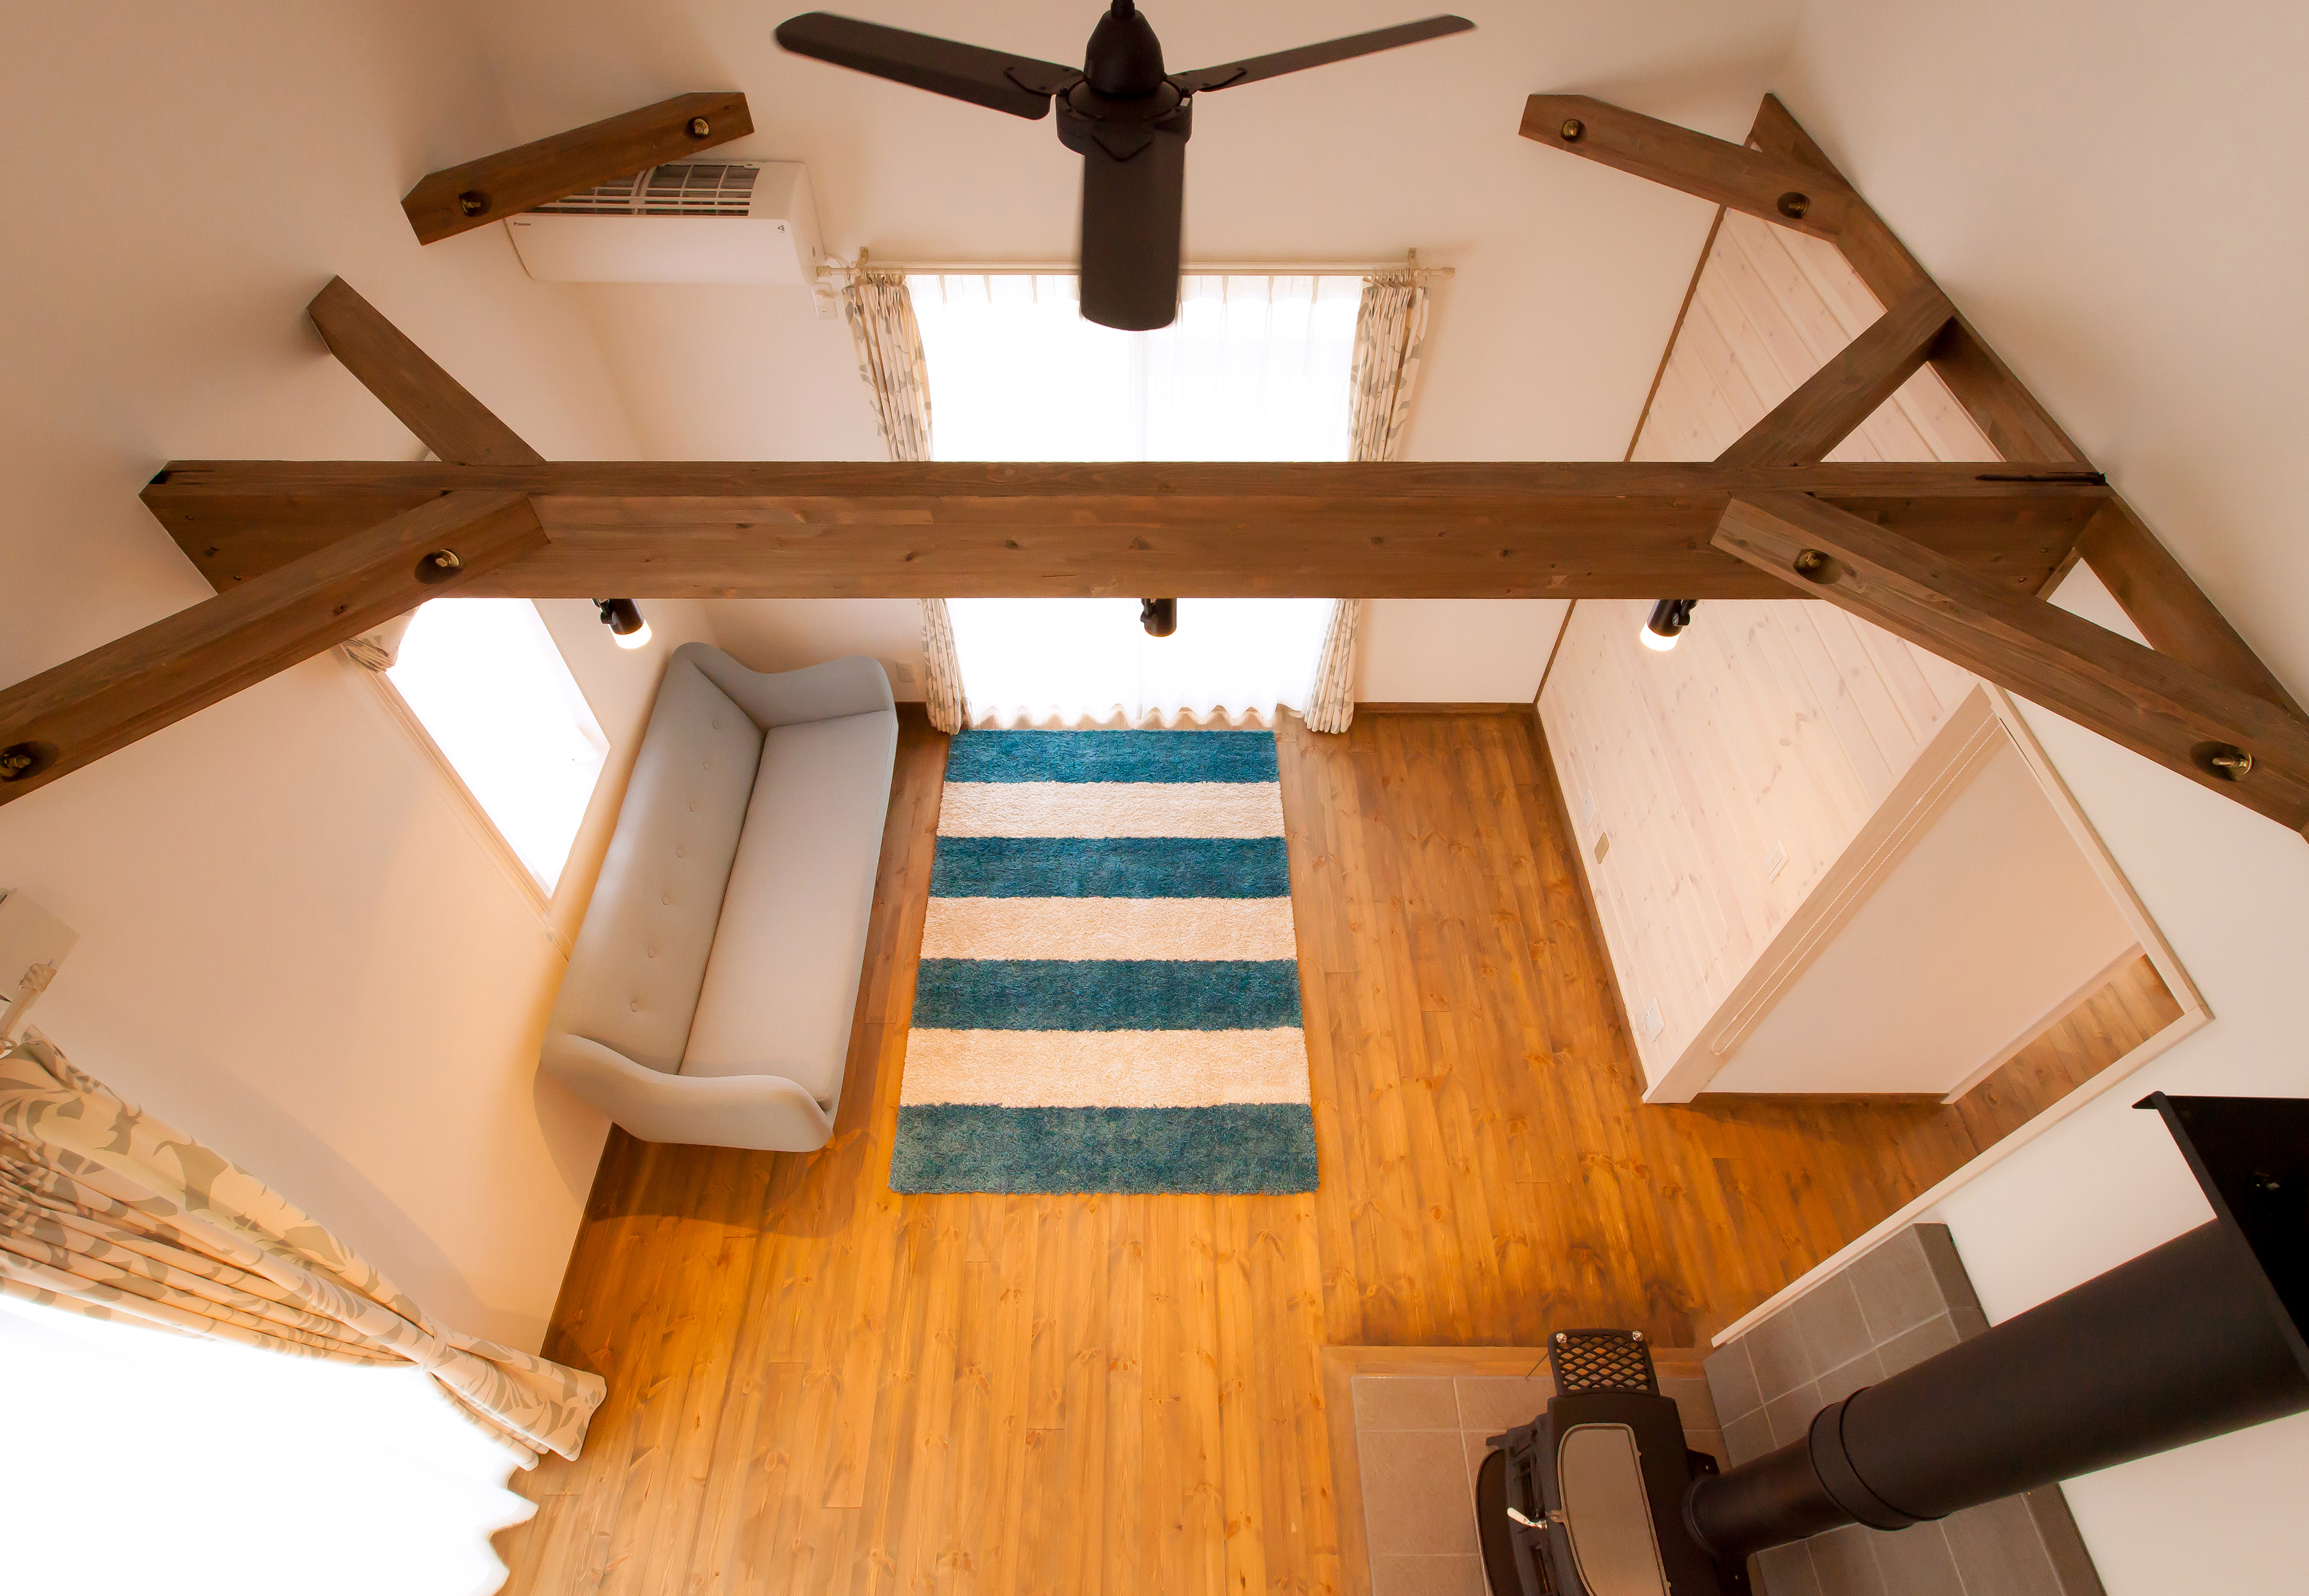 2階フリースペースからリビングをのぞむ。吹抜けを通して1階と2階が繋がっているので、常に家族の一体感を得られる。コンパクトでも、これだけ開放的に暮らせるのが「ローファー」の魅力